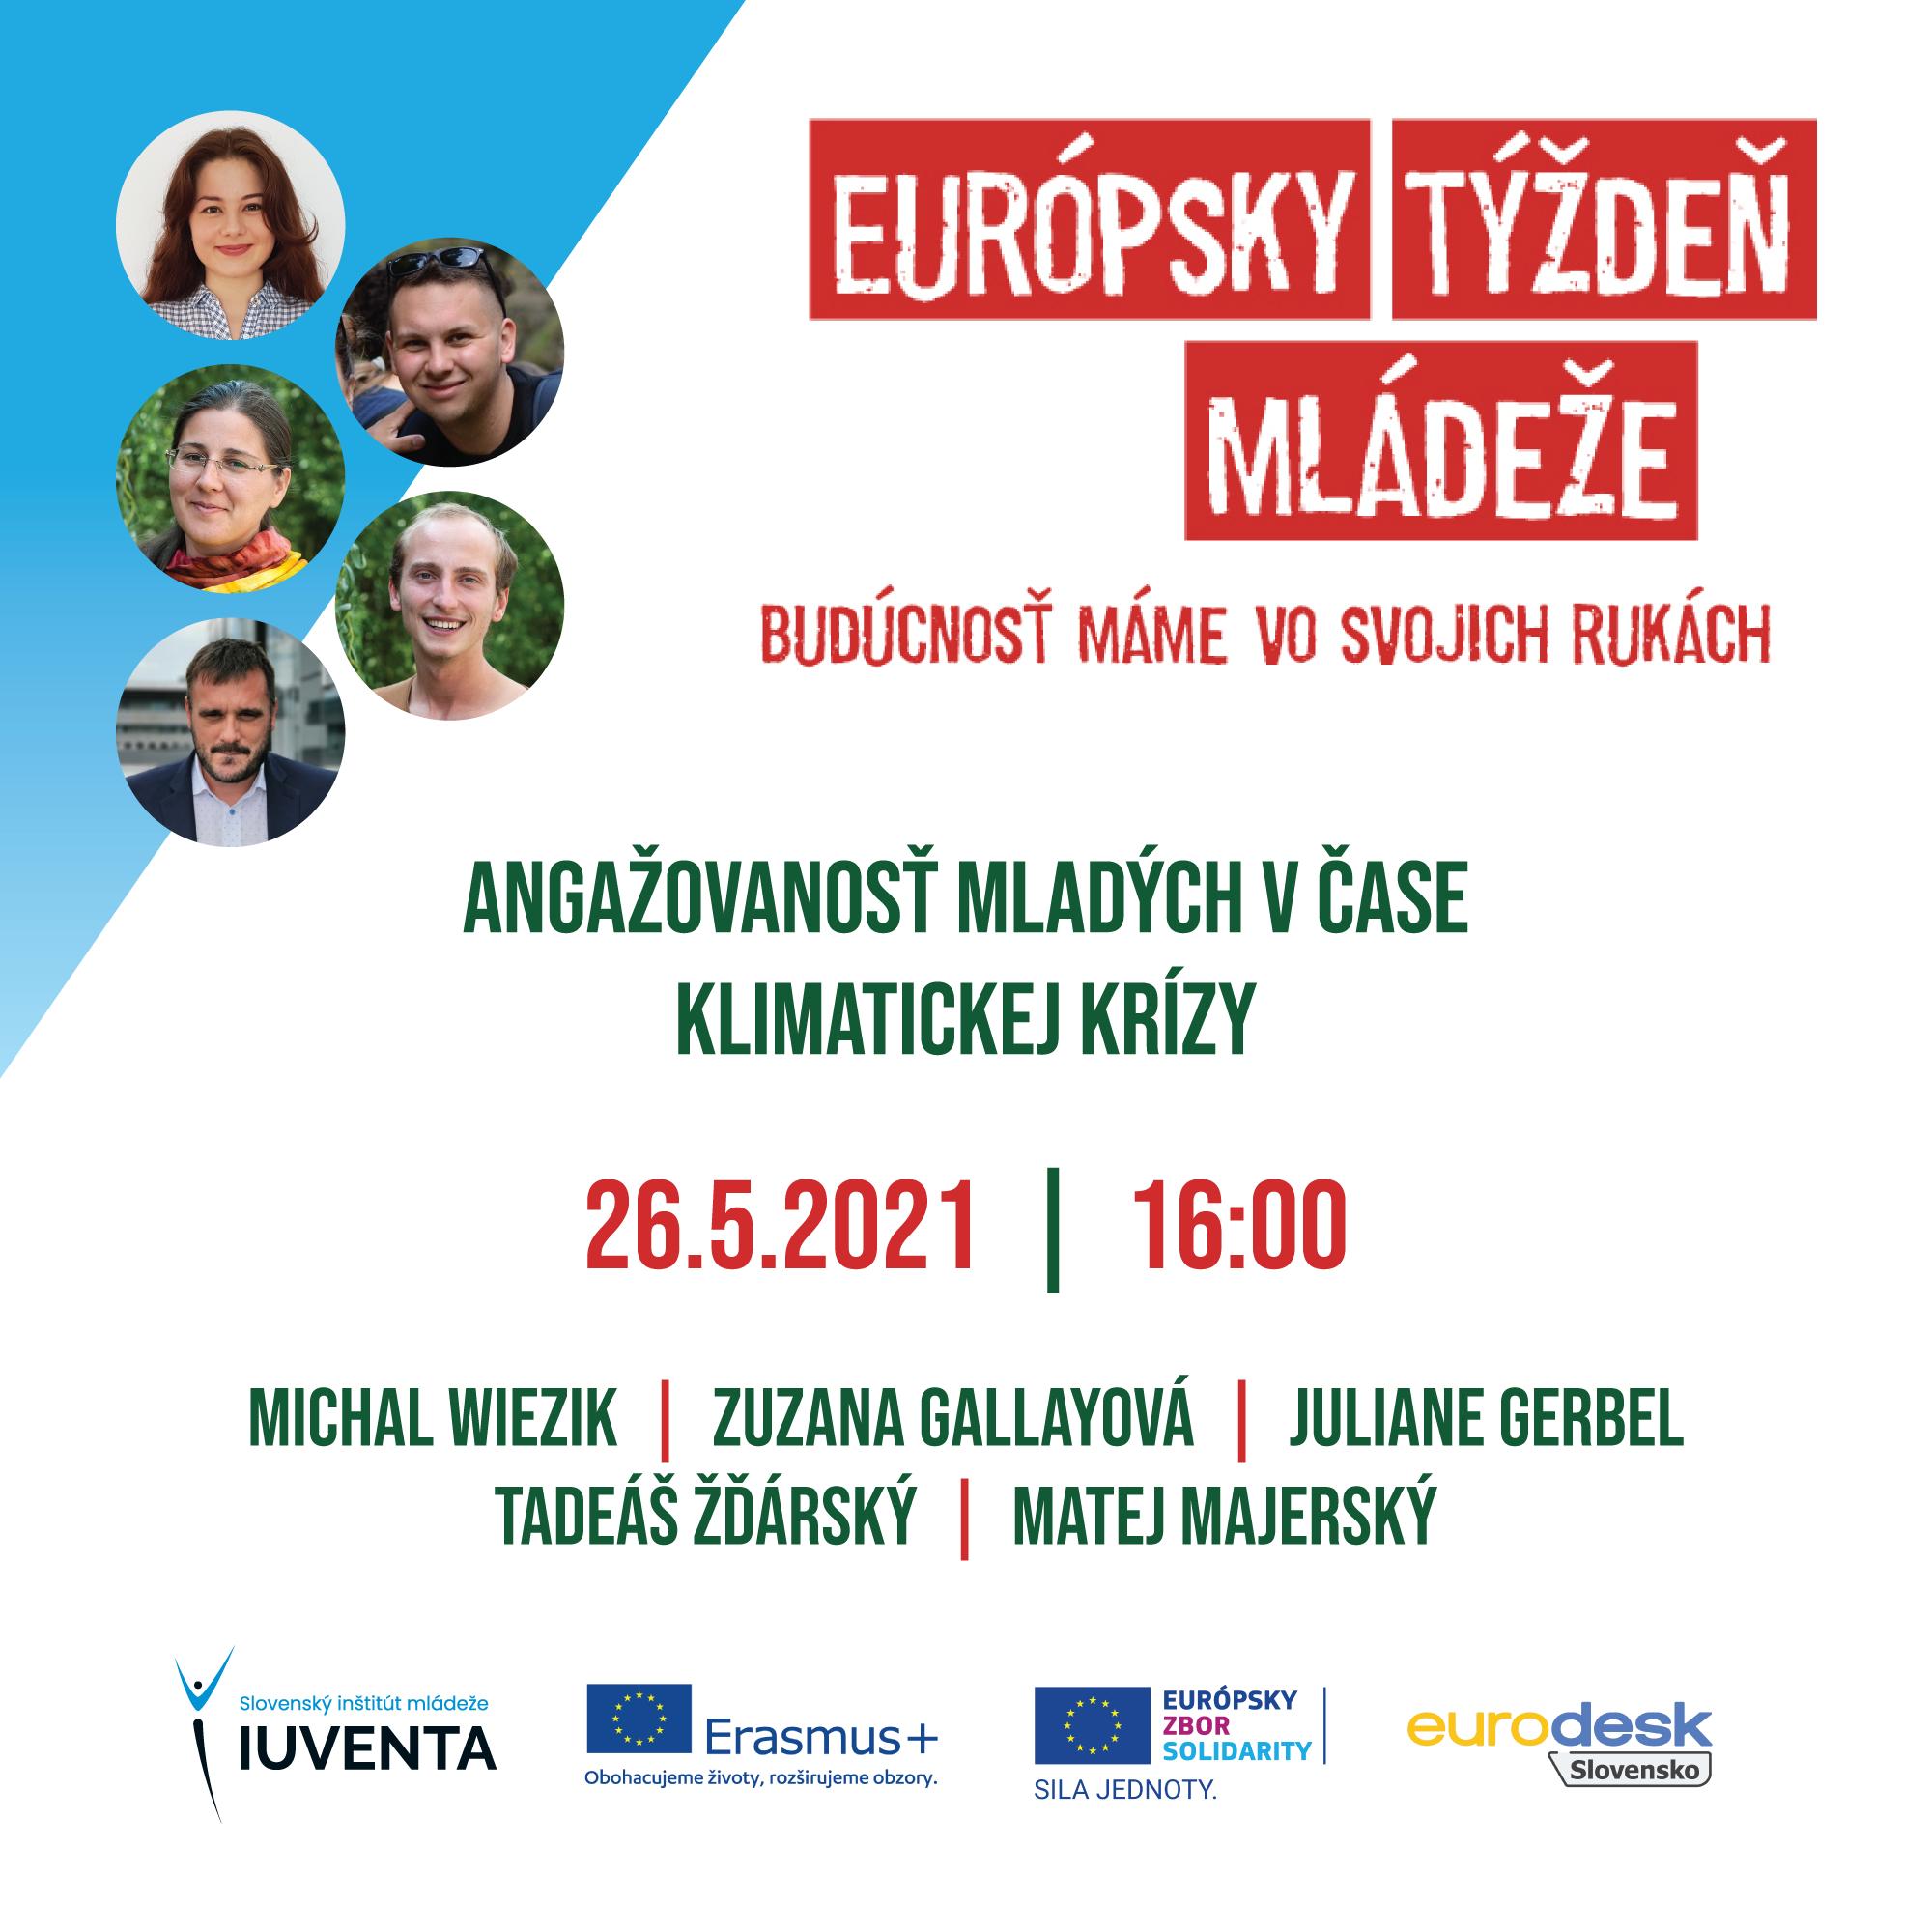 Európsky týždeň mládeže - čo nás čaká v stredu, 26.5.2021